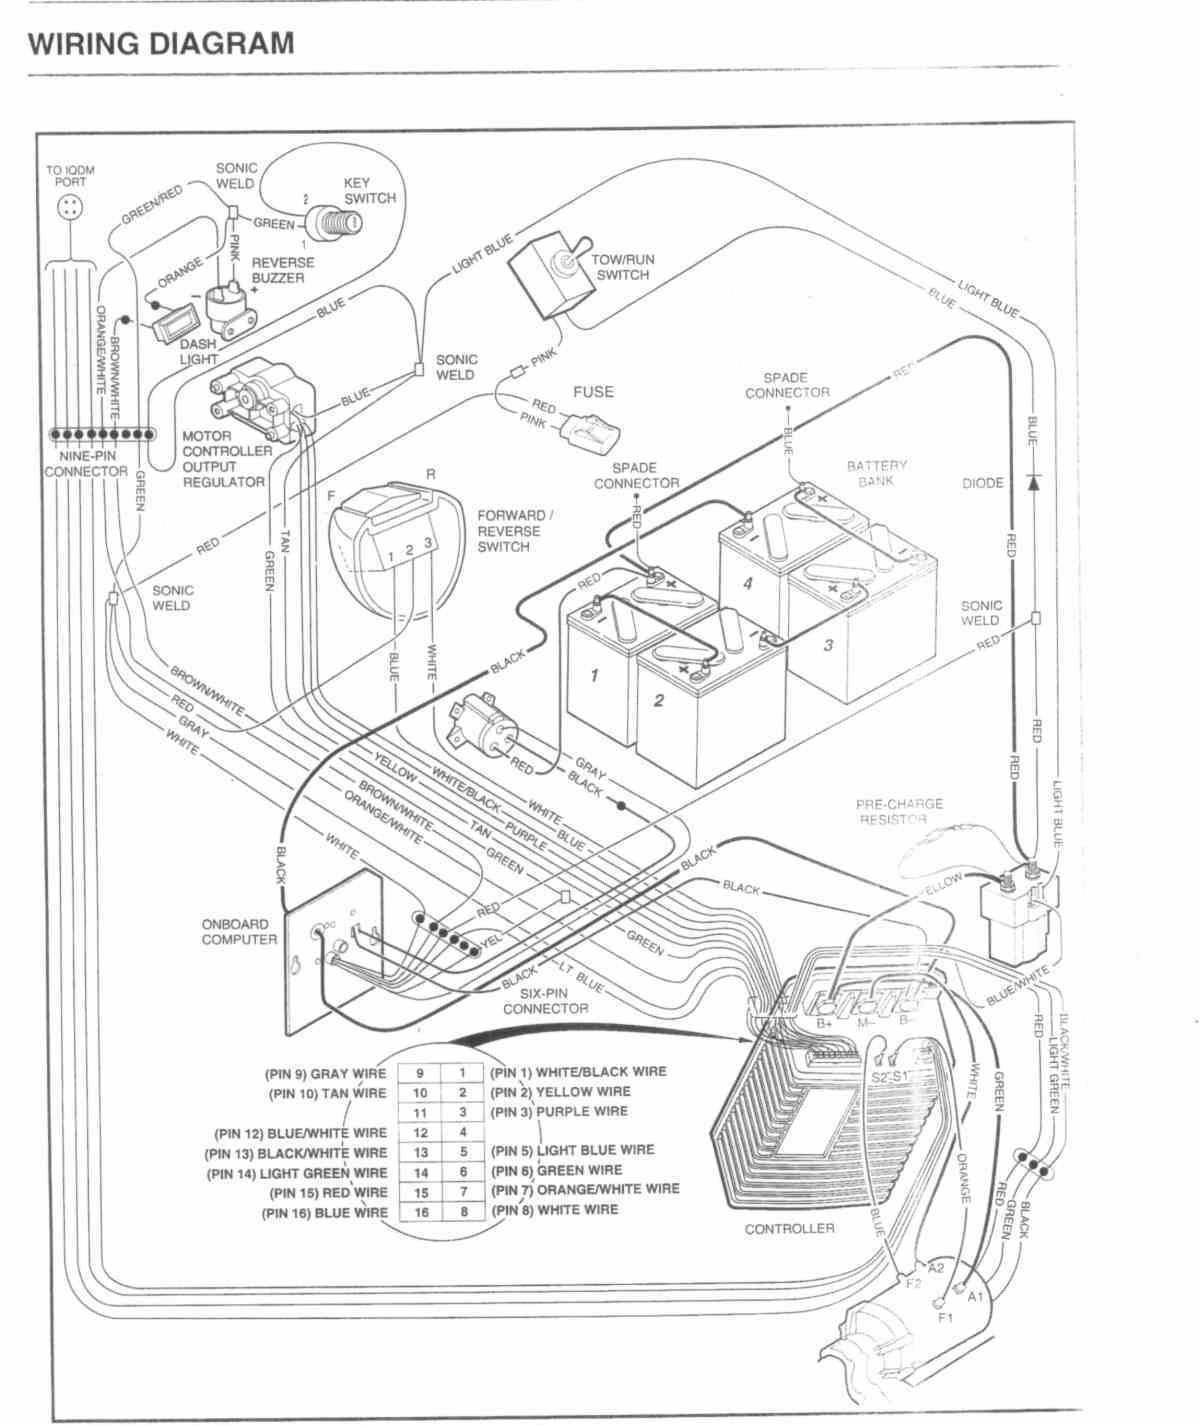 1986 club car fuse box wiring diagram nl rh 1 aimvwquv about leena de club car golf cart fuse box location